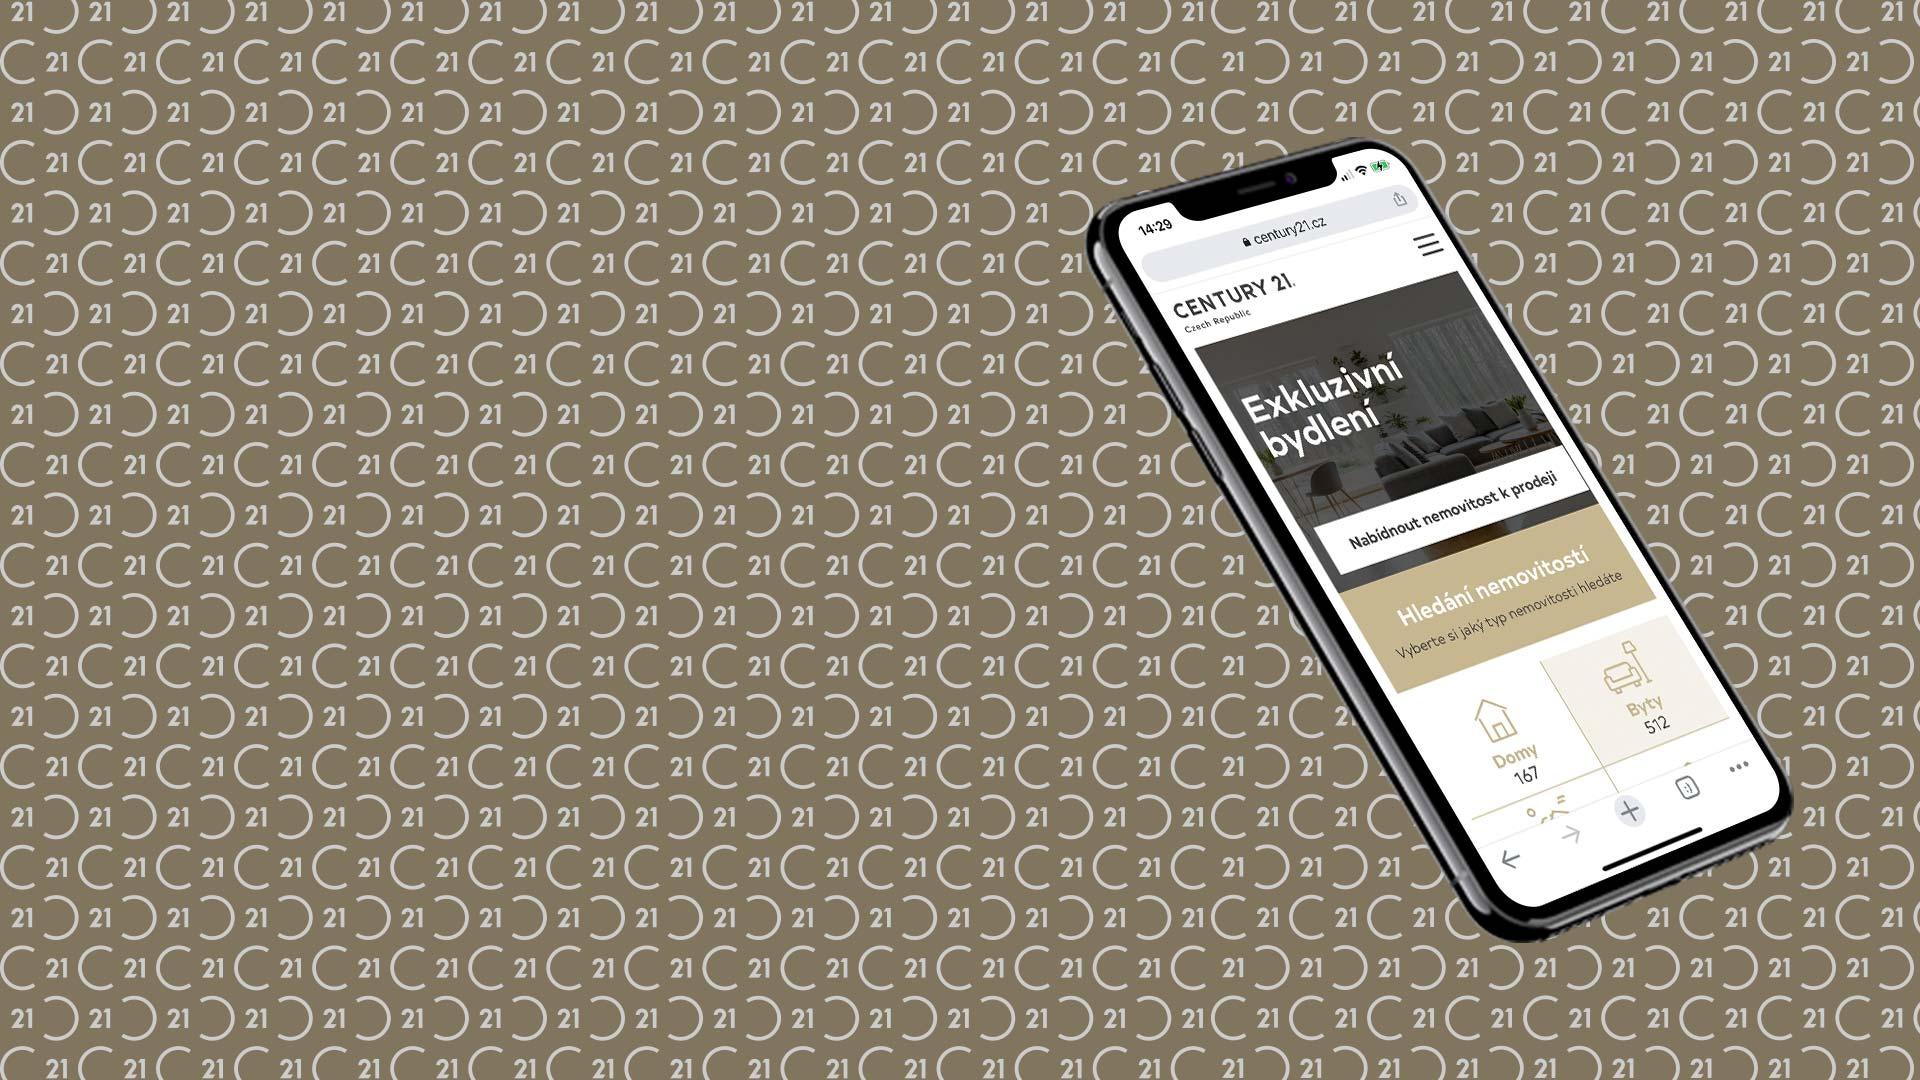 Vyhrajte iPhone za tip na nemovitost!